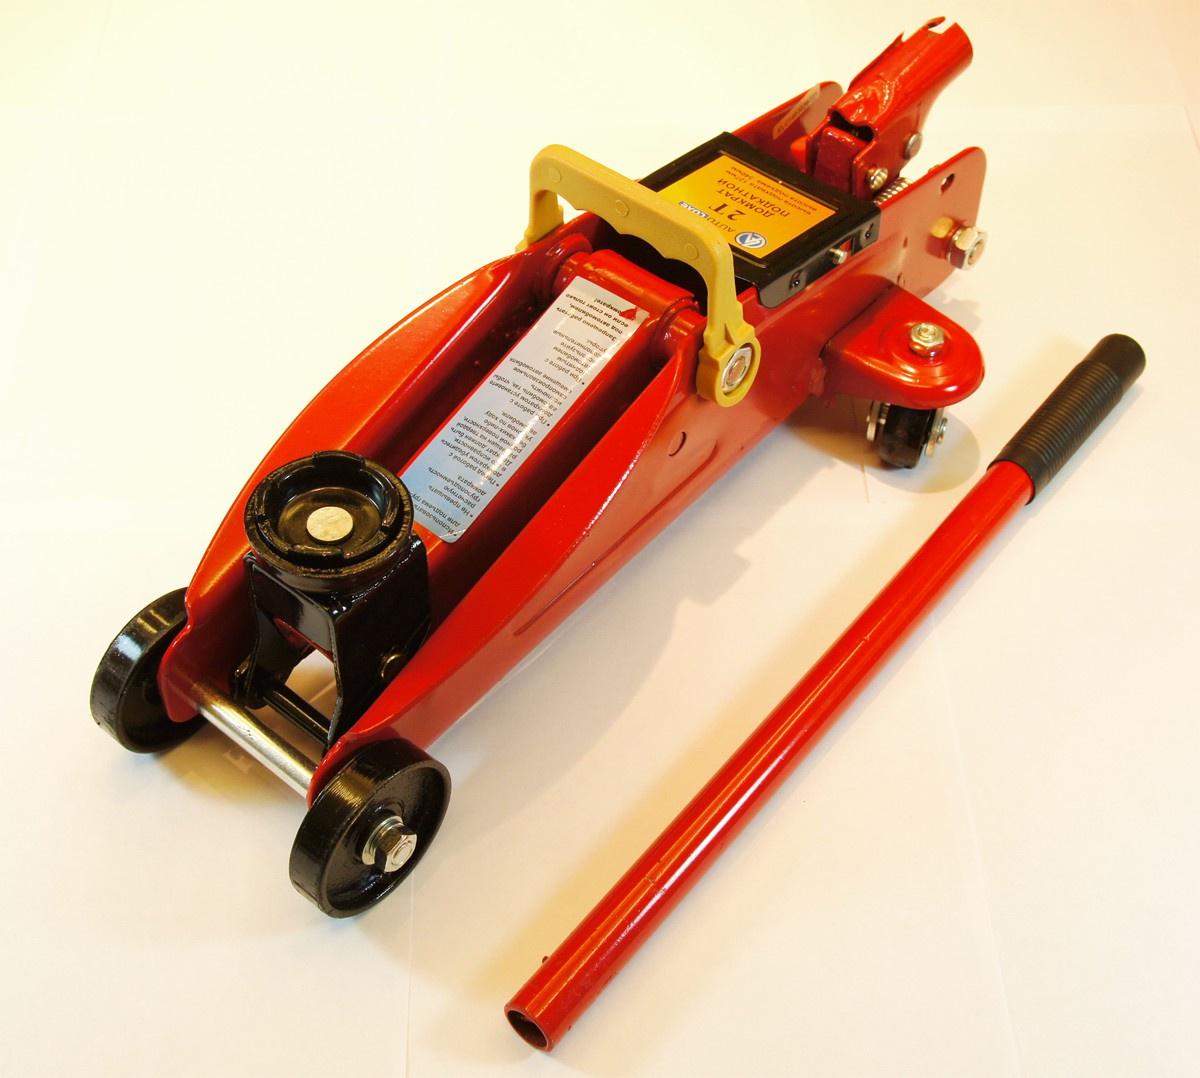 Гидравлический домкрат Autoluxe подкатной грузоподъёмностью до 2 тонн, красный гидравлический домкрат autoluxe подкатной грузоподъемность до 3 тонн красный